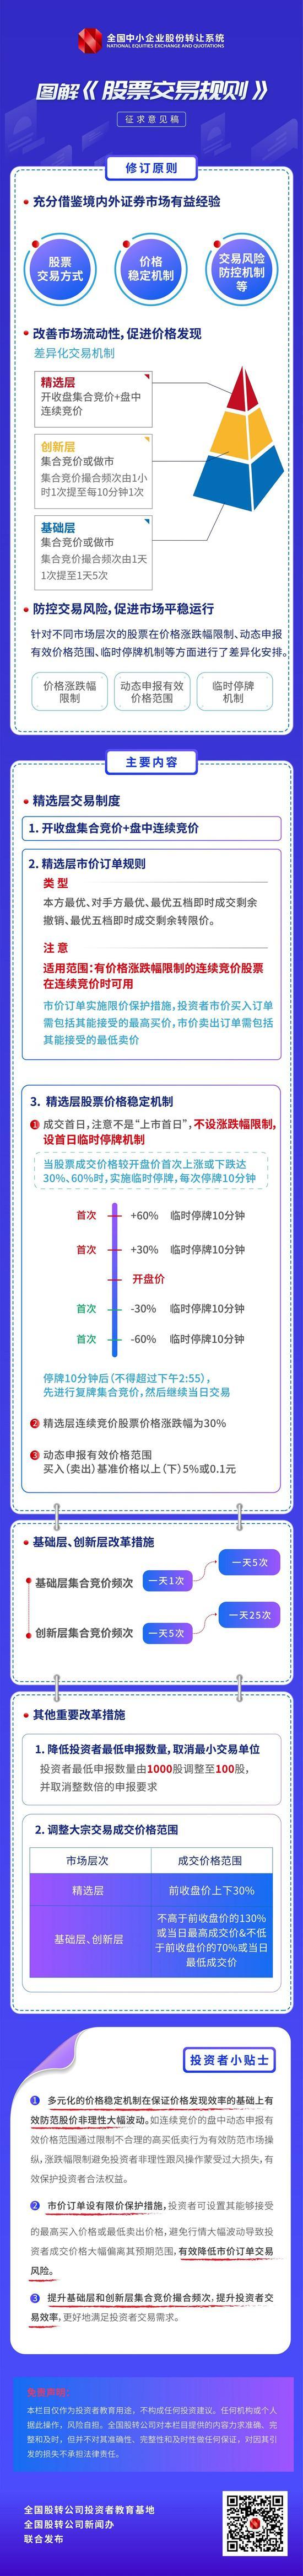 招商证券杨勇胜:预计明年白酒行业回归中速增长阶段